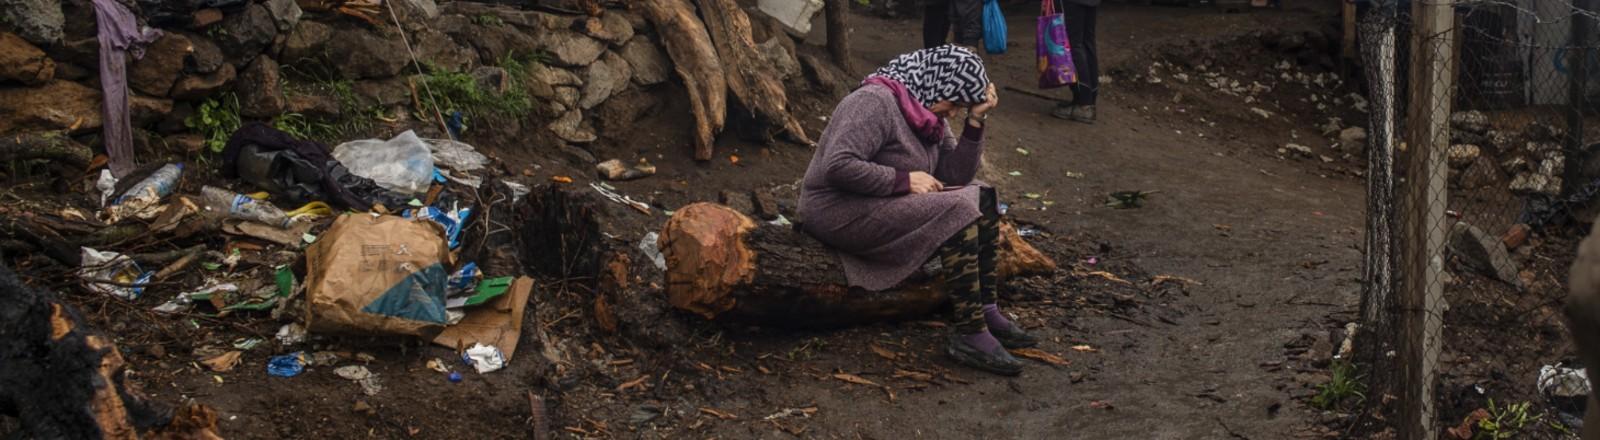 Griechenland, Lesbos: Eine Frau sitzt auf einem Baumstamm in einem Zwischenlager neben dem Lager Moria.